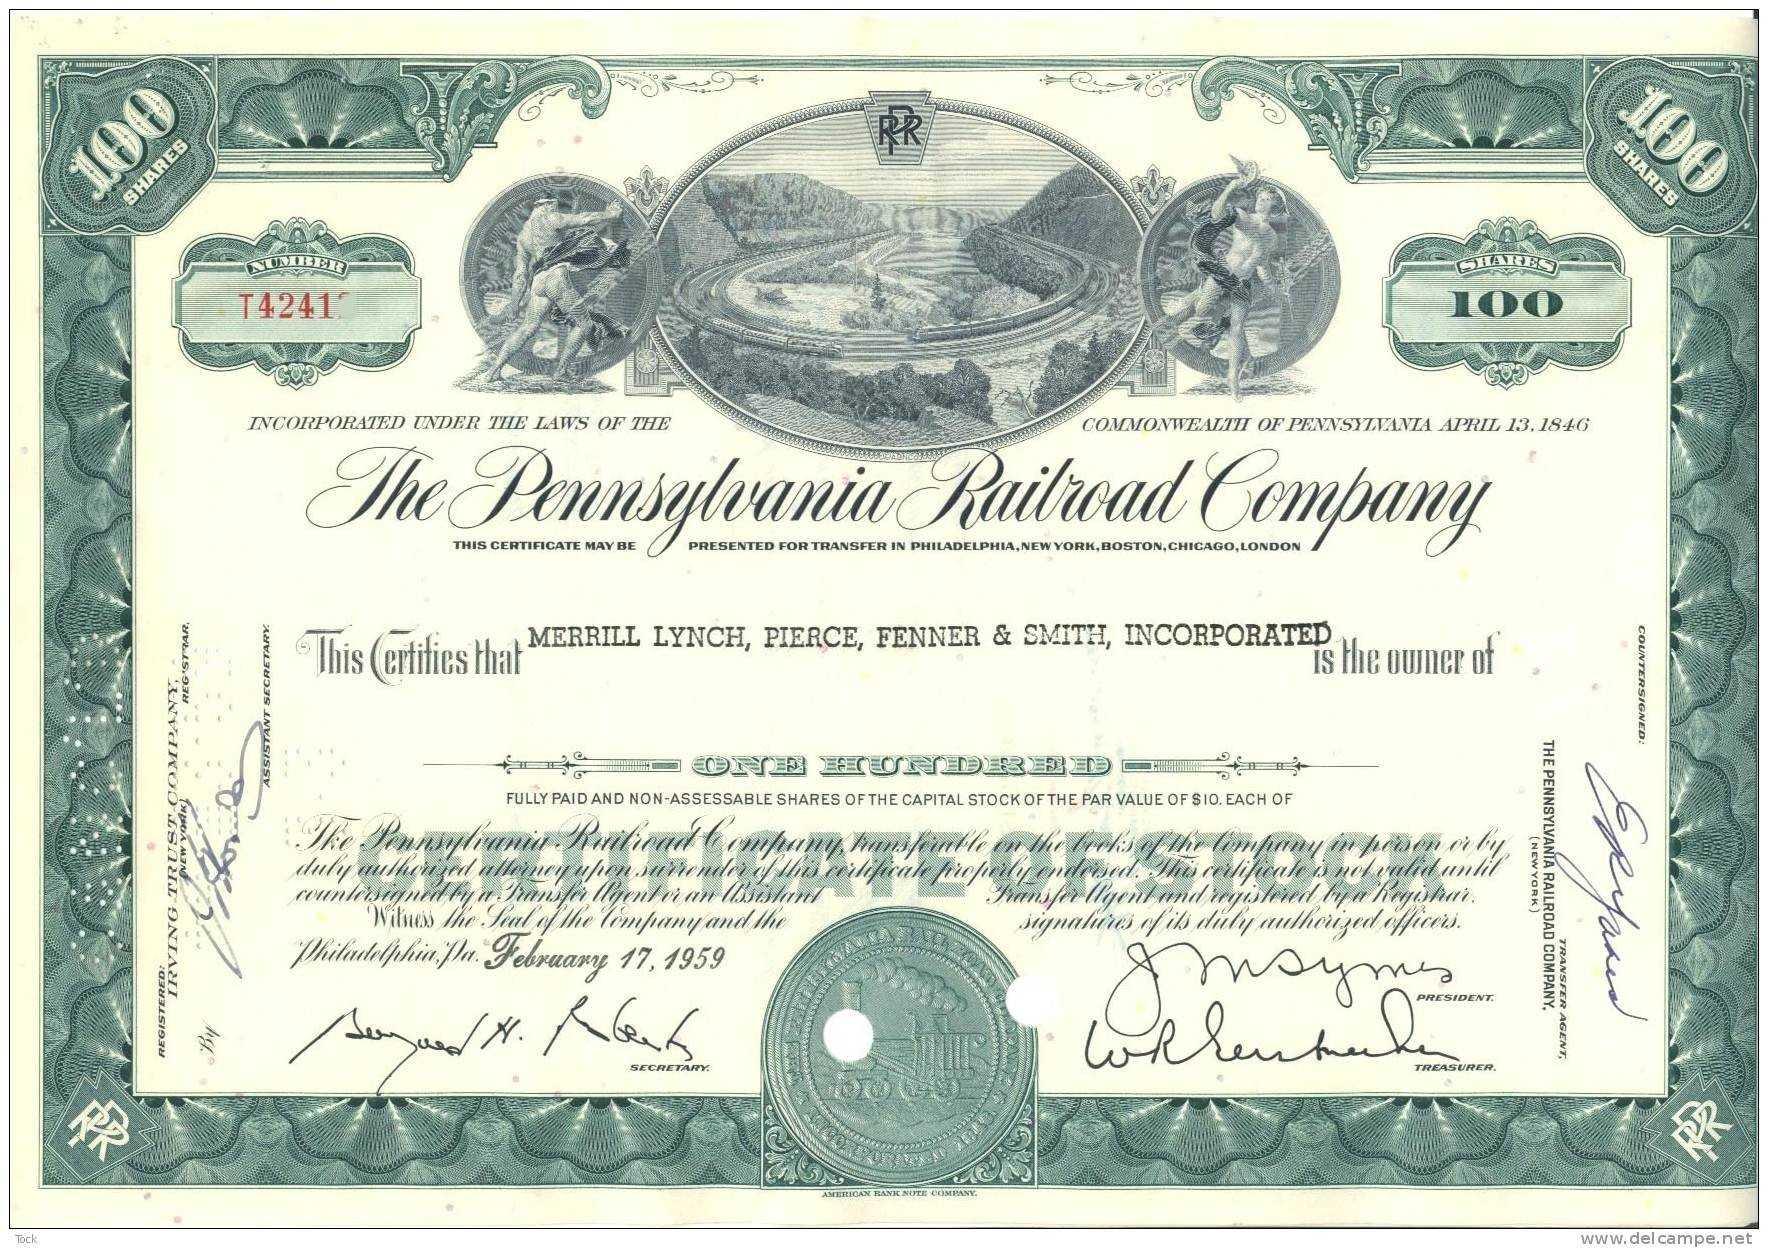 Corporate Bond Certificate Template - Carlynstudio Pertaining To Corporate Bond Certificate Template